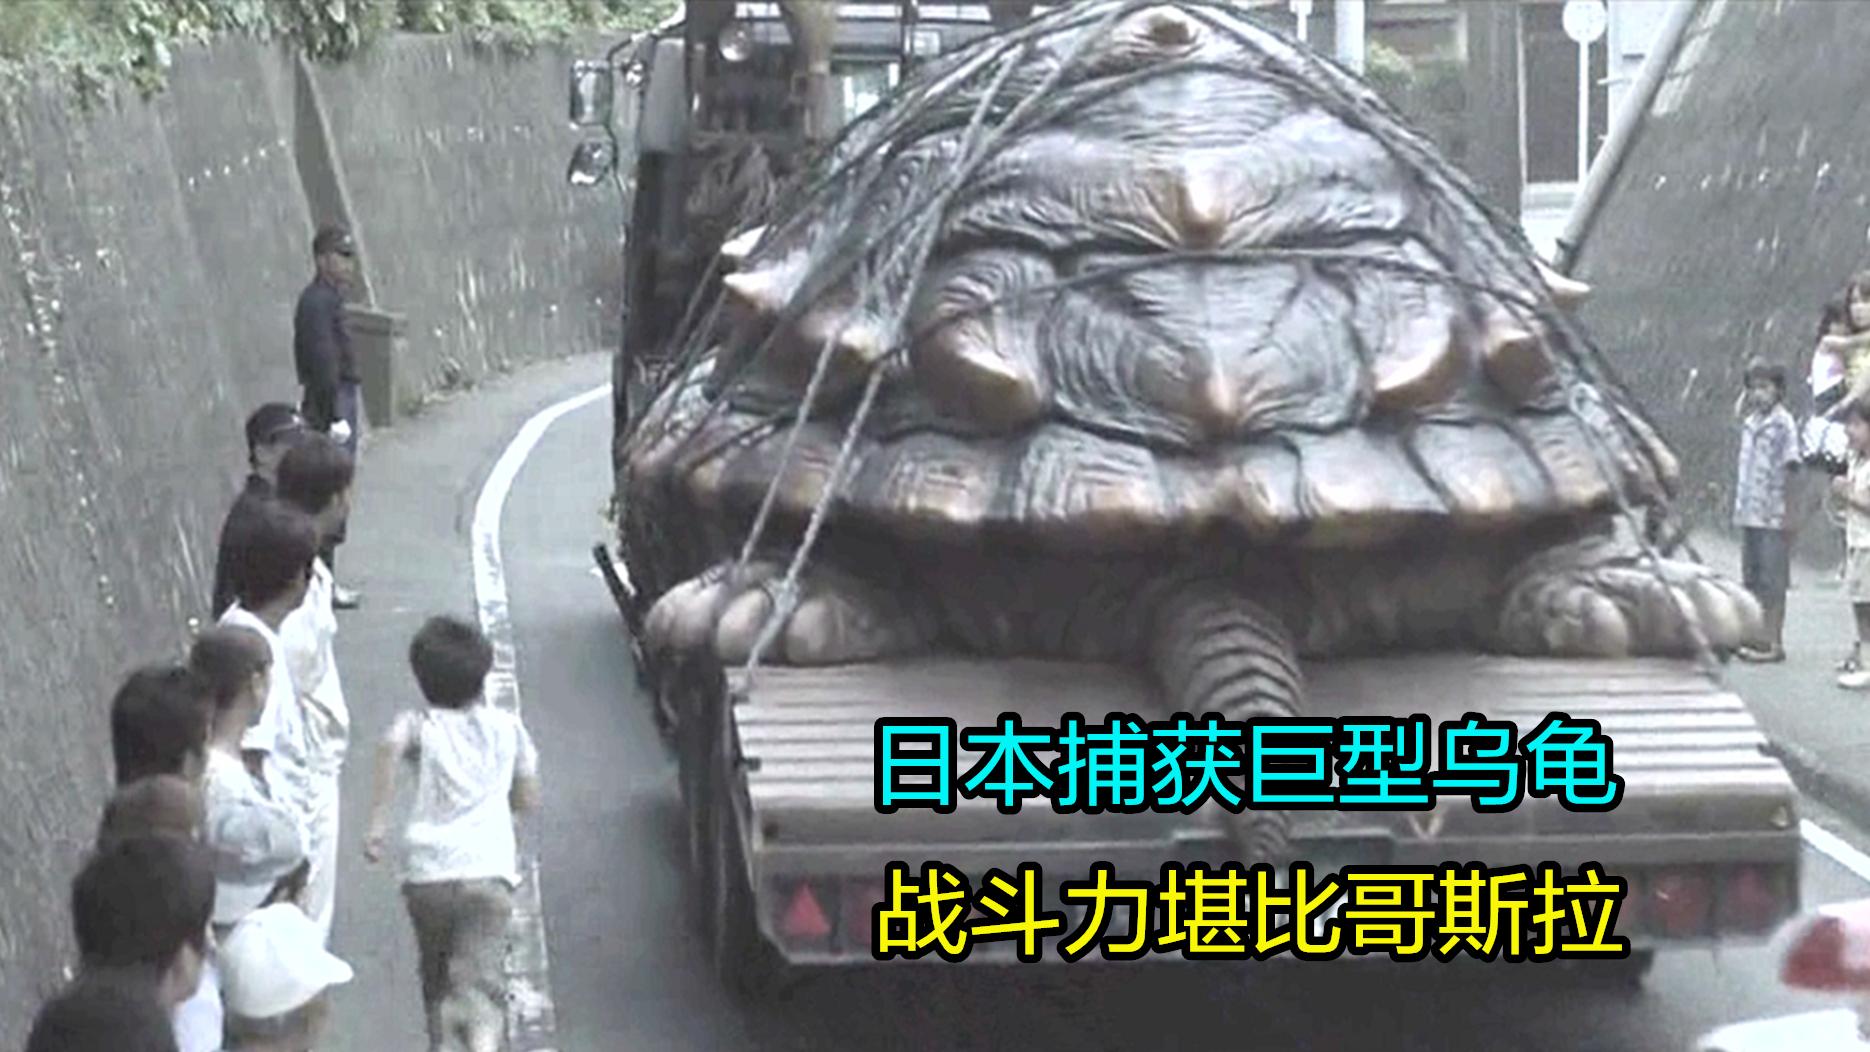 科幻片:日本捕获一只巨型大乌龟,不但能飞,战斗力堪比哥斯拉!